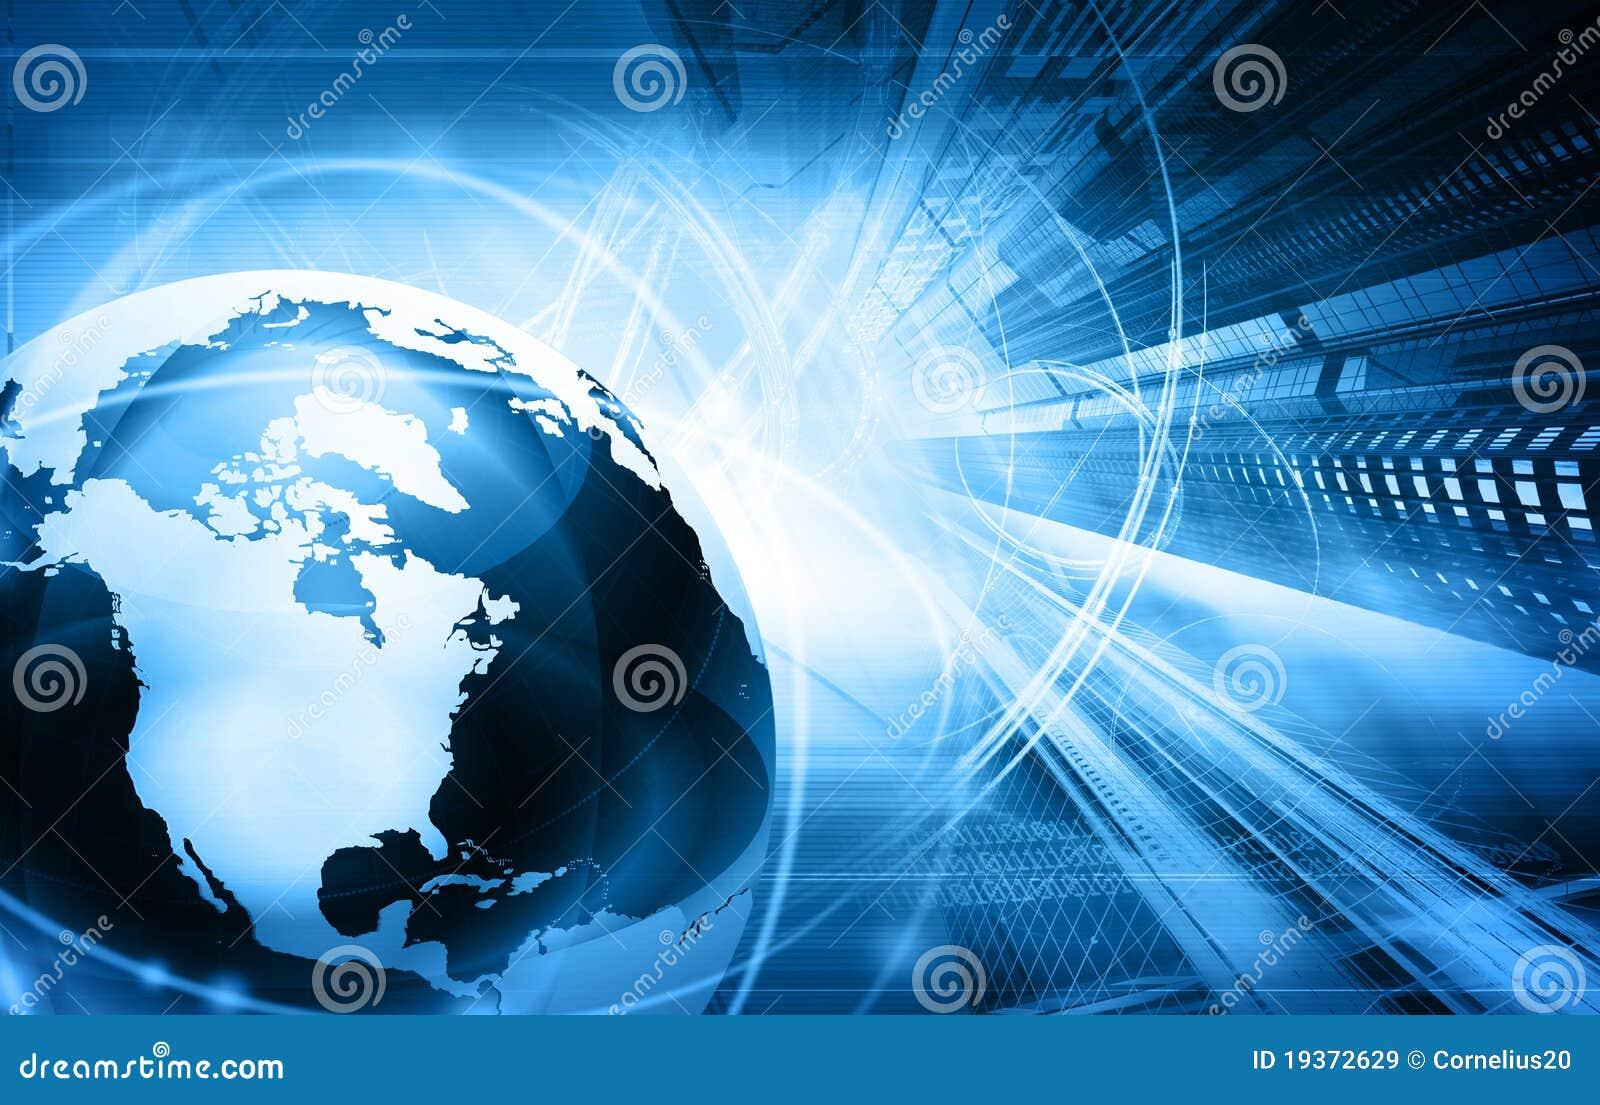 Mapa e arranha-céus azuis de mundo